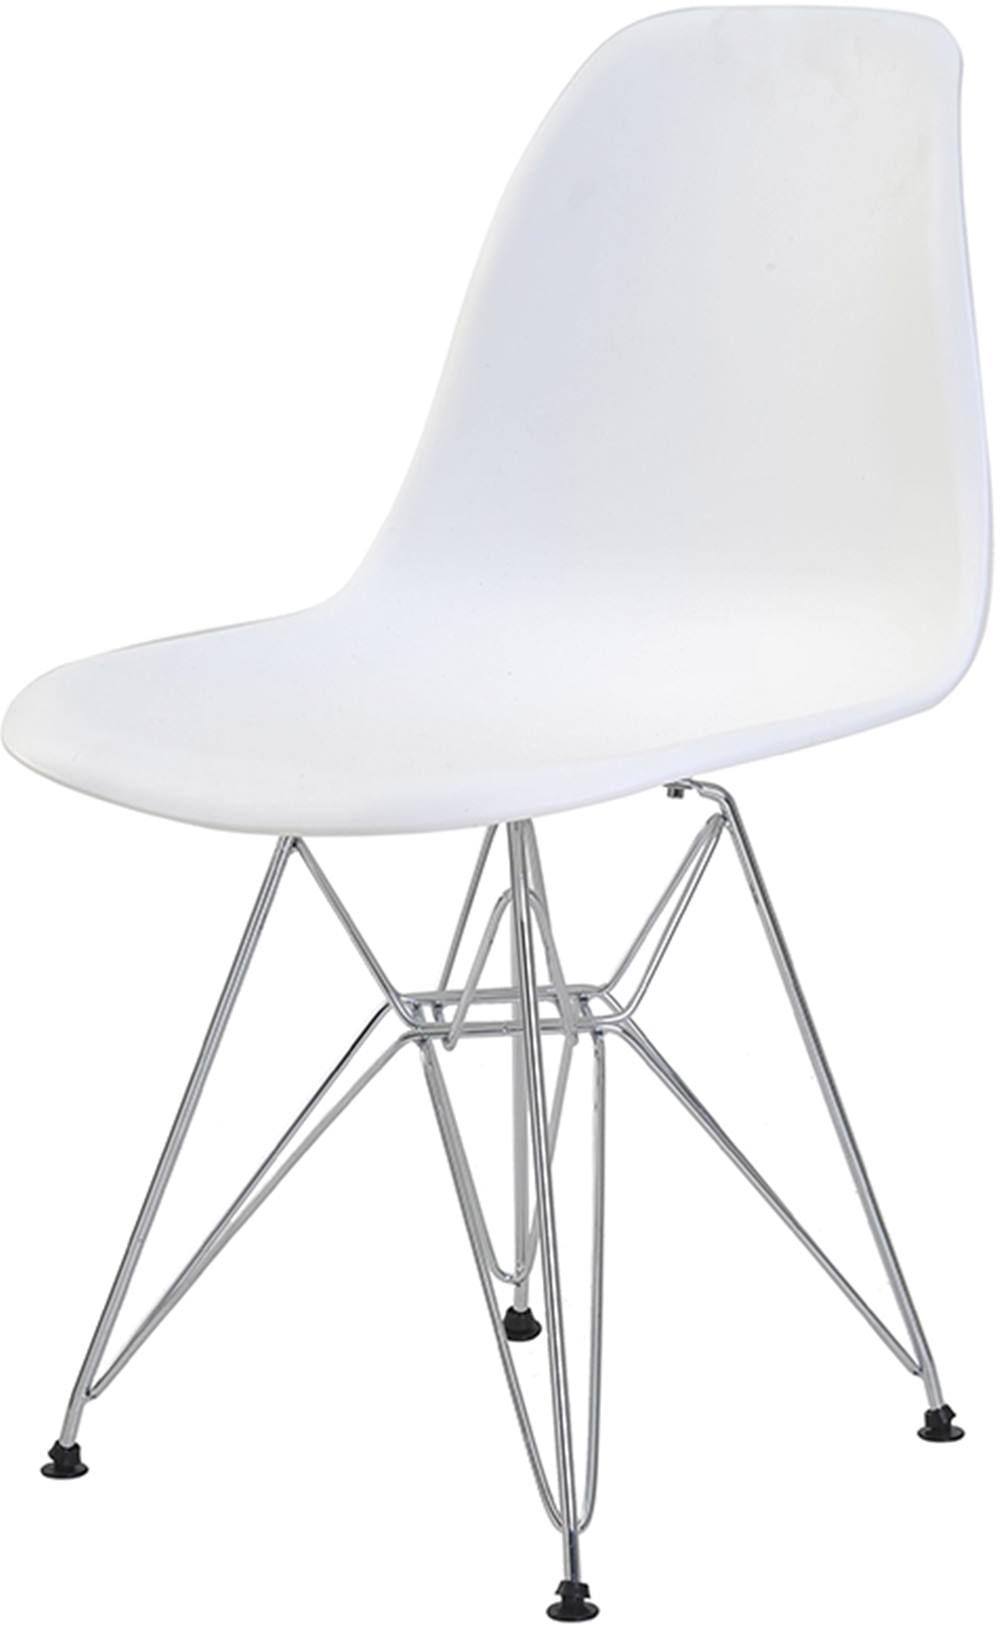 Cadeira Eames Eiffel PP Branca Base Cromada - 44169